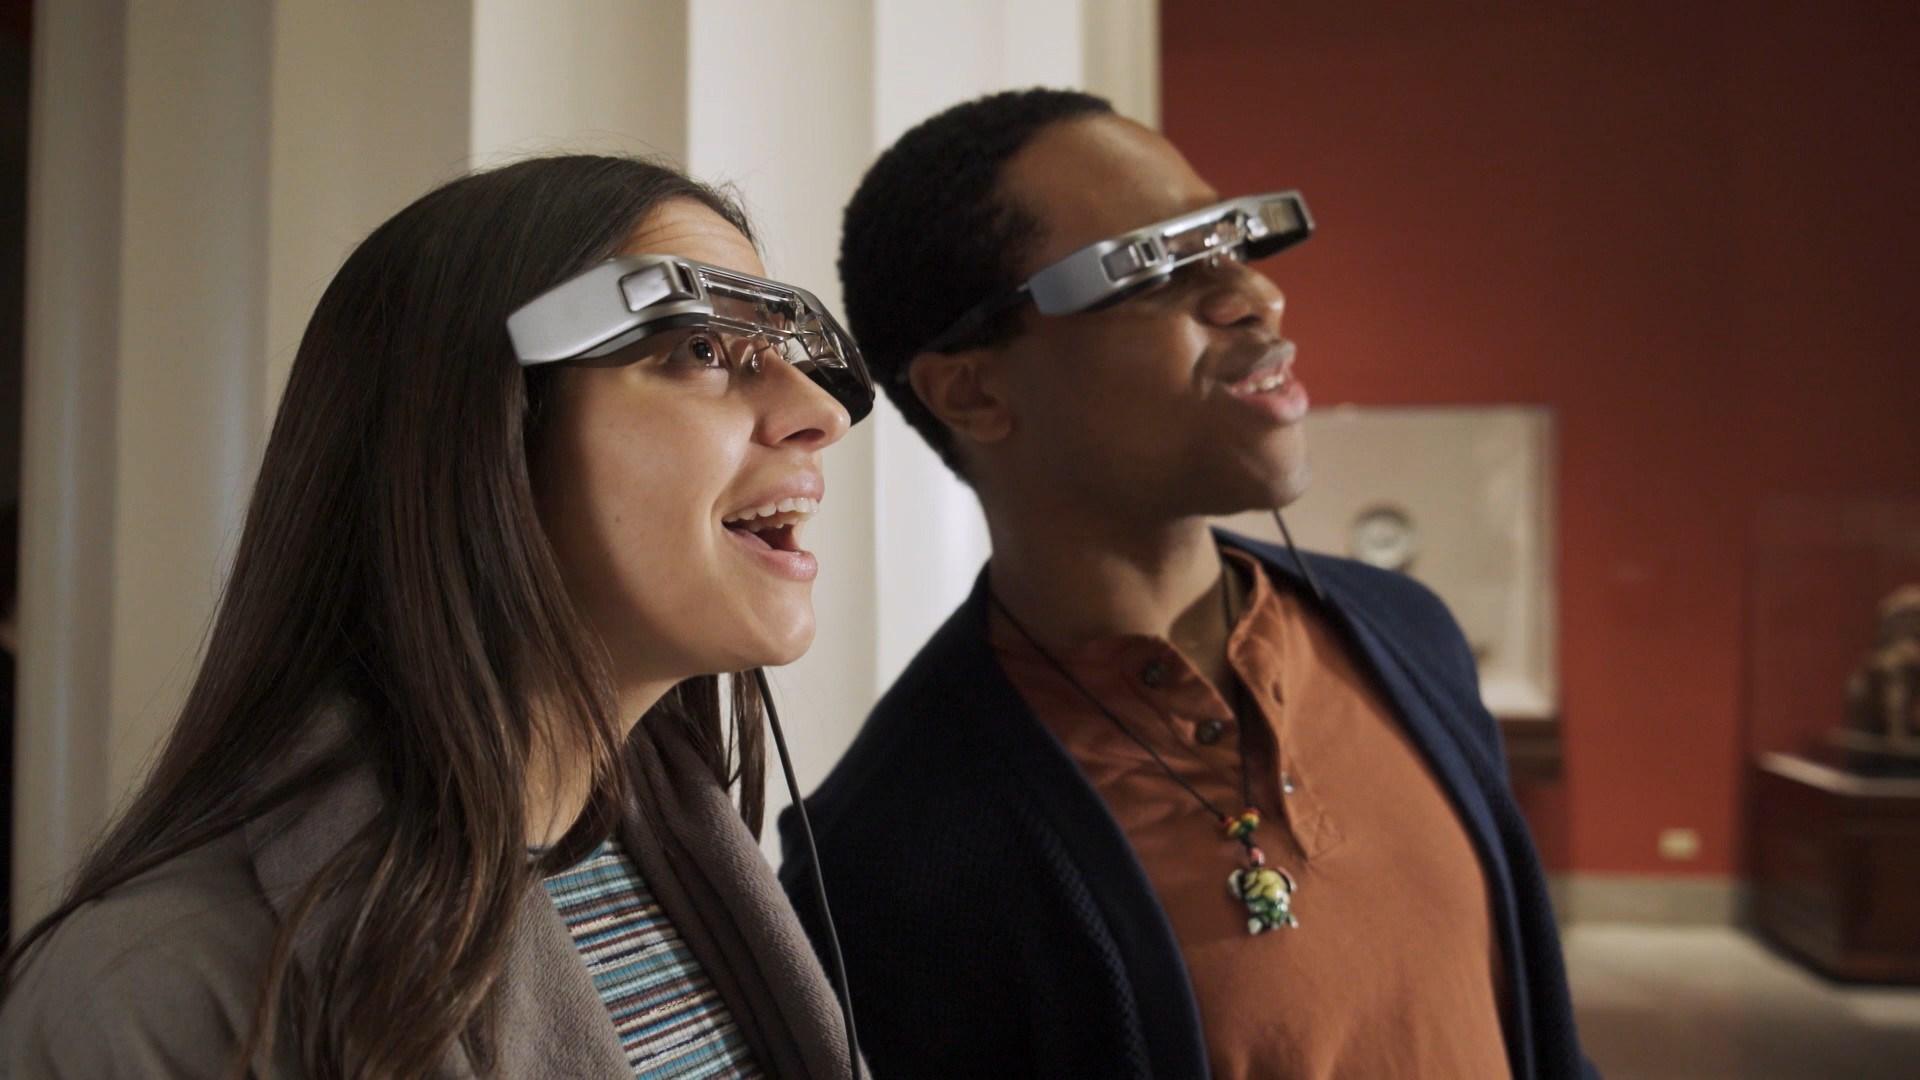 Madame Tussauds em Washington vai oferecer experiências de realidade aumentada aos seus visitantes